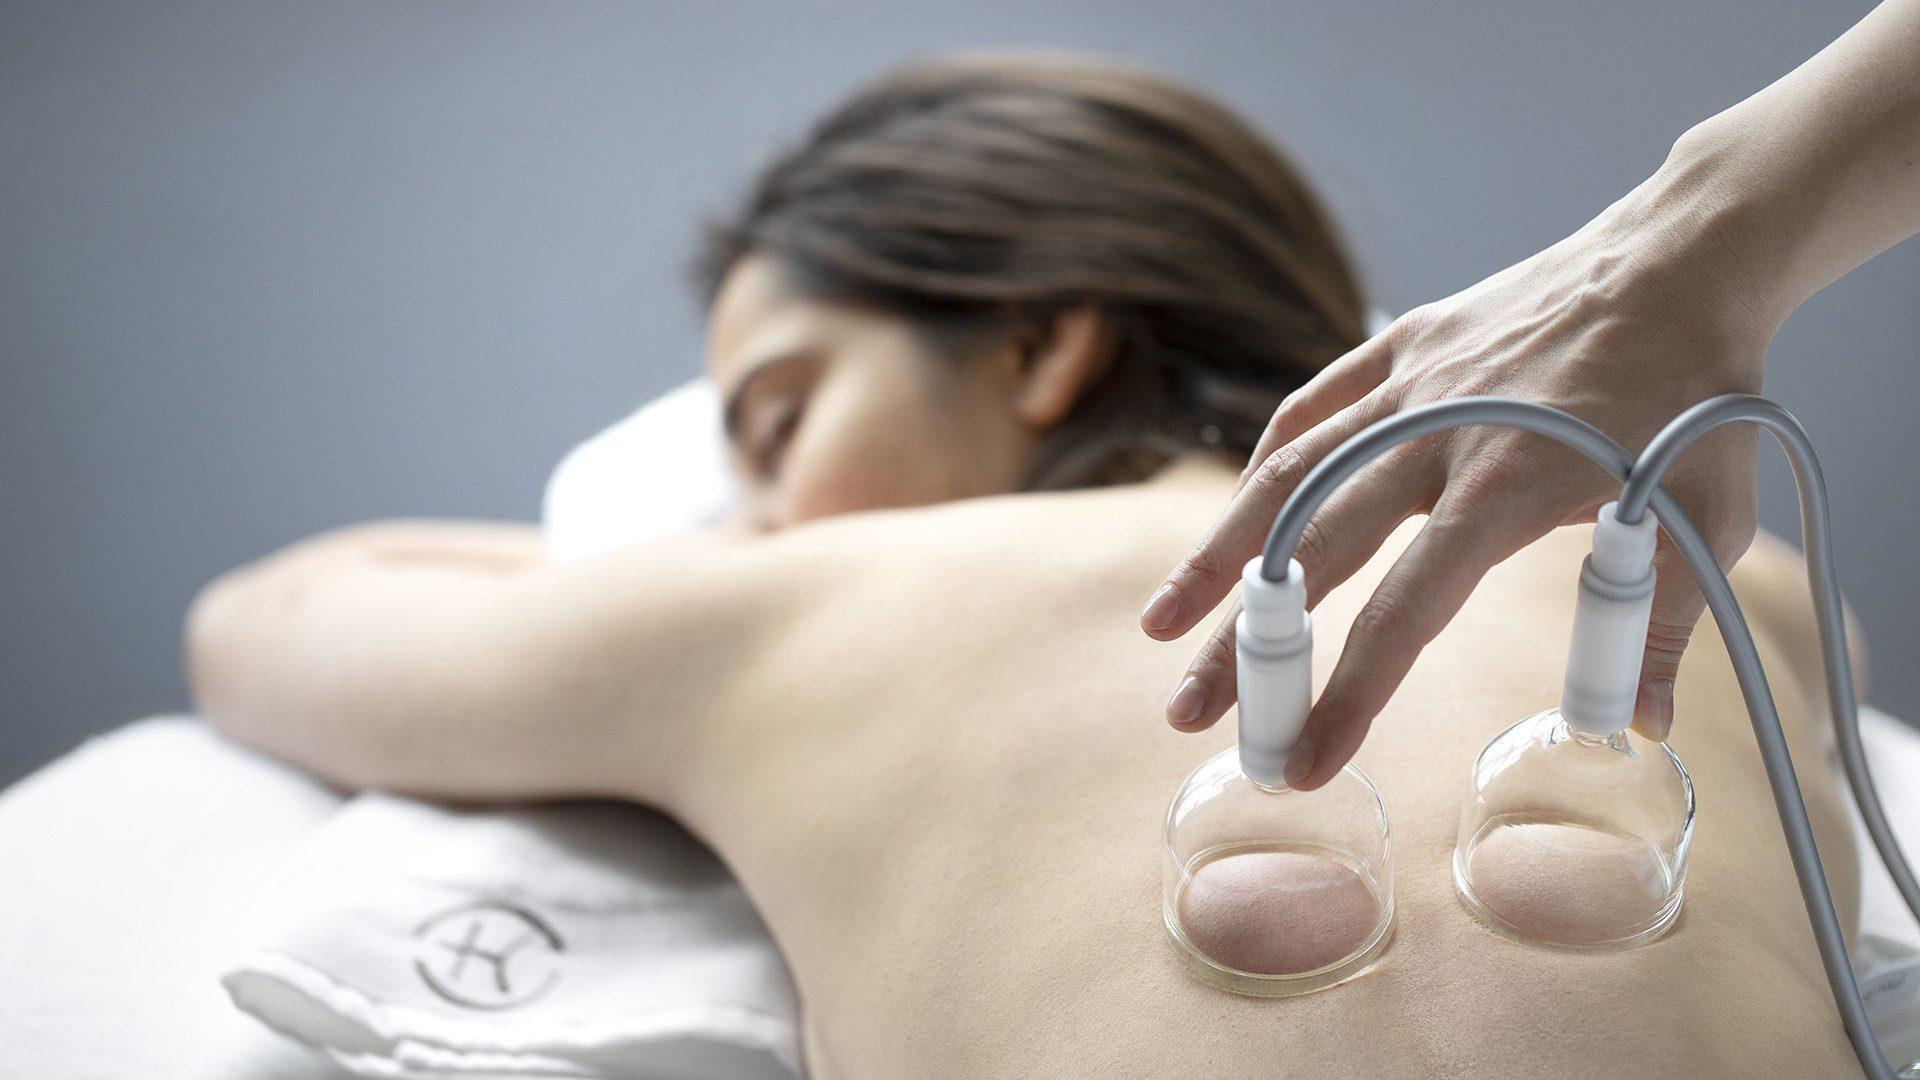 Chenot_Weggis_Massage_1920x1080.jpg